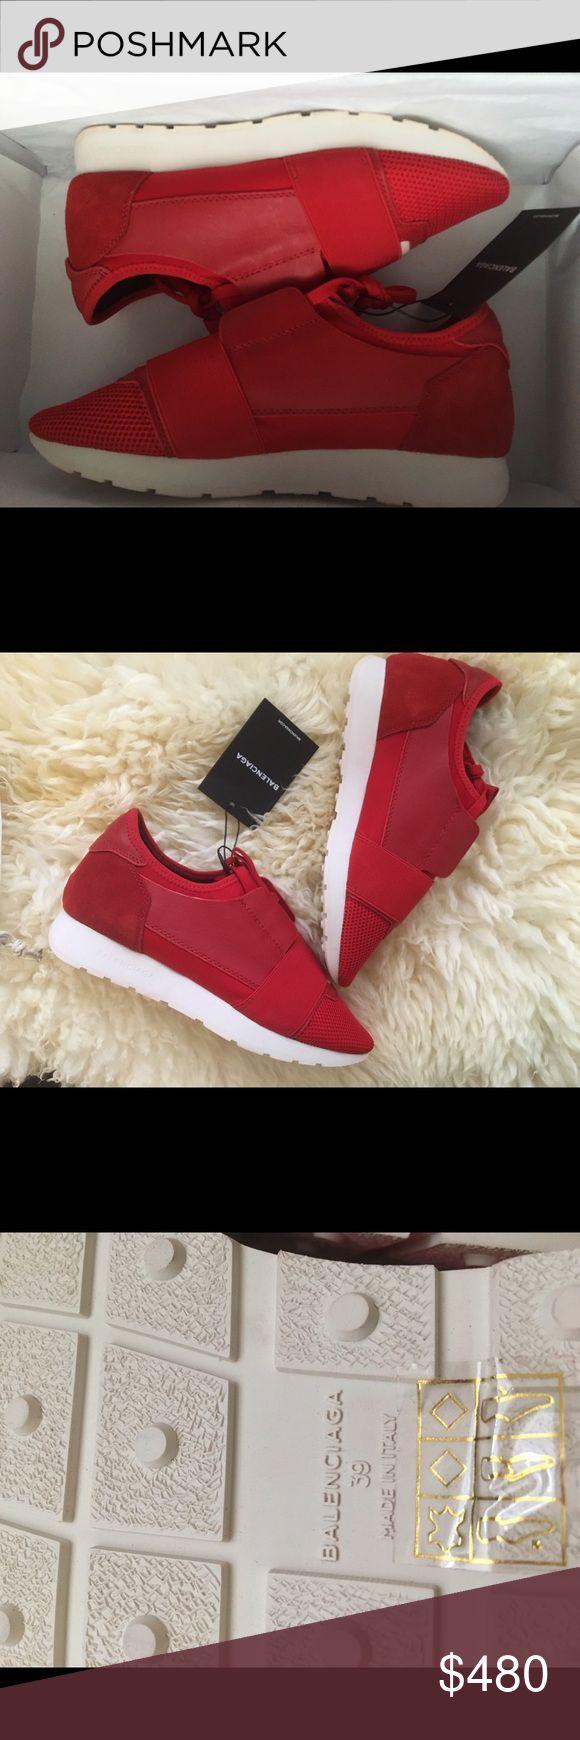 Balenciaga Runner Balenciaga Runner Trainer Sneakers Size 42 8.5 men's 10.5 women's Balenciaga Shoes Athletic Shoes